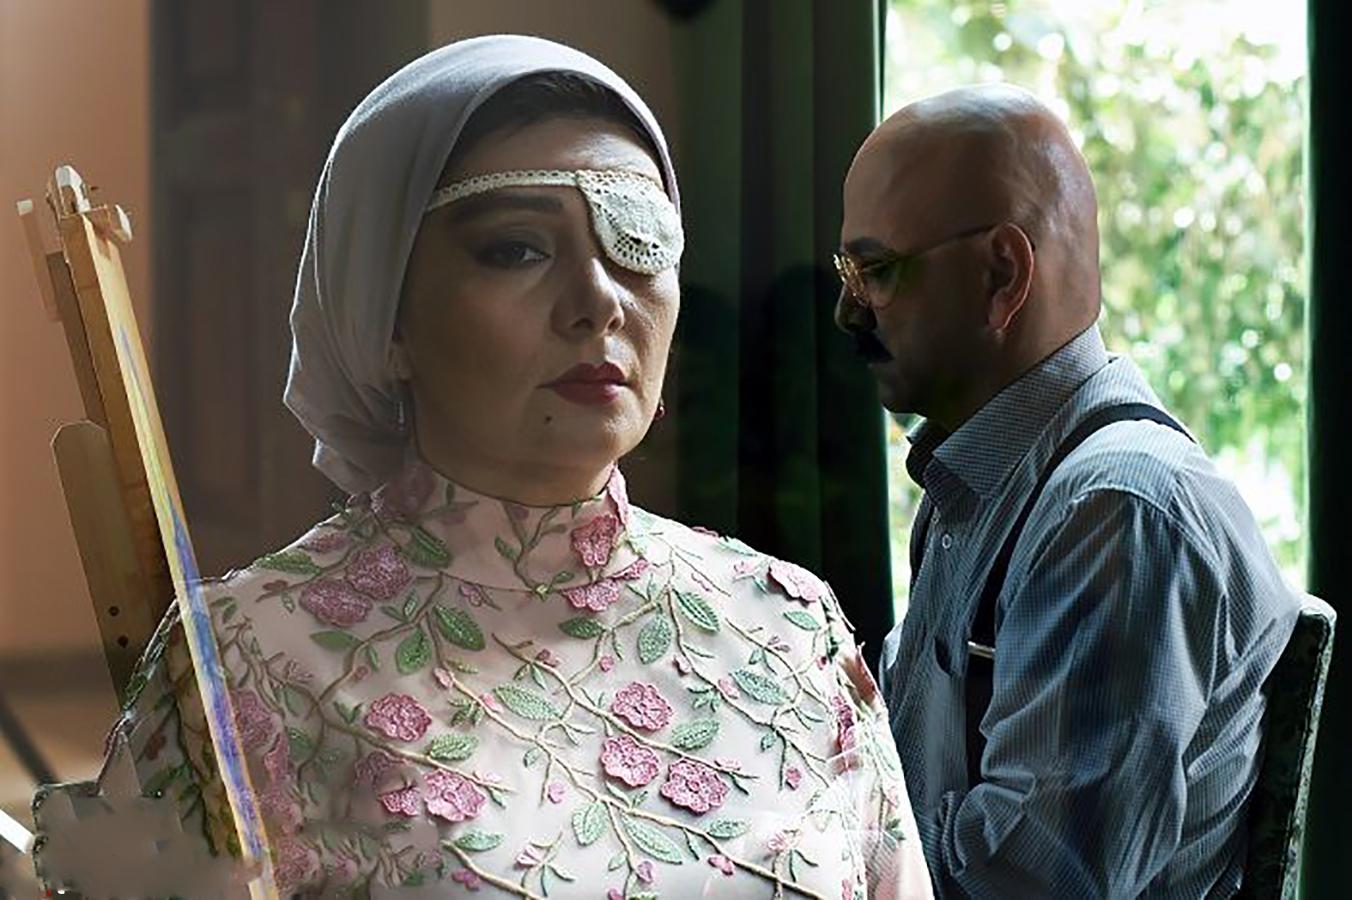 حبیب رضایی در صحنه فیلم سینمایی یک قناری یک کلاغ به همراه هنگامه قاضیانی